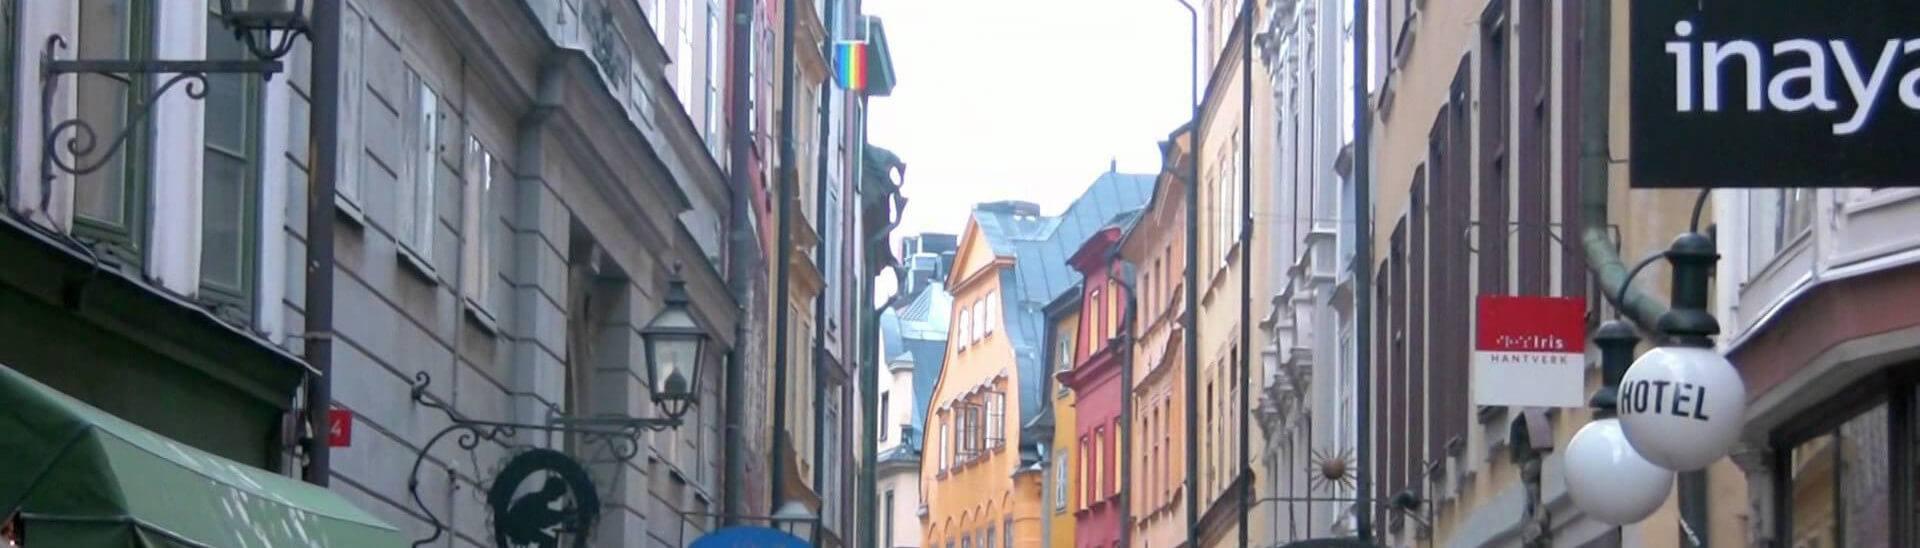 Buy STOCKHOLM domain name